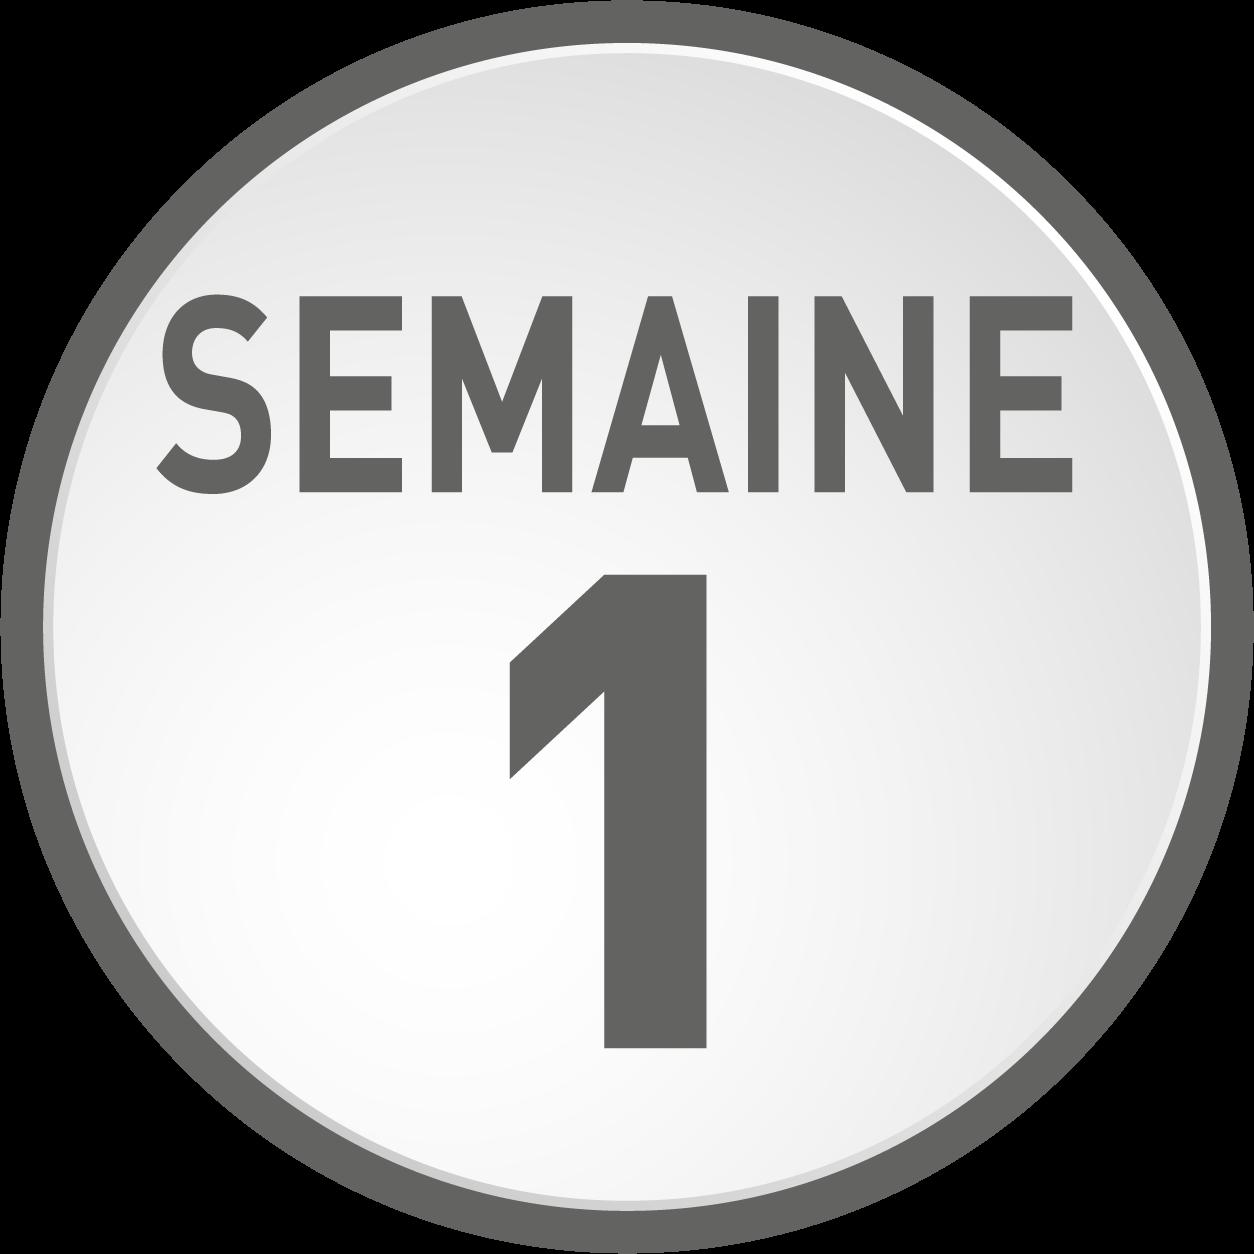 Semaine 1